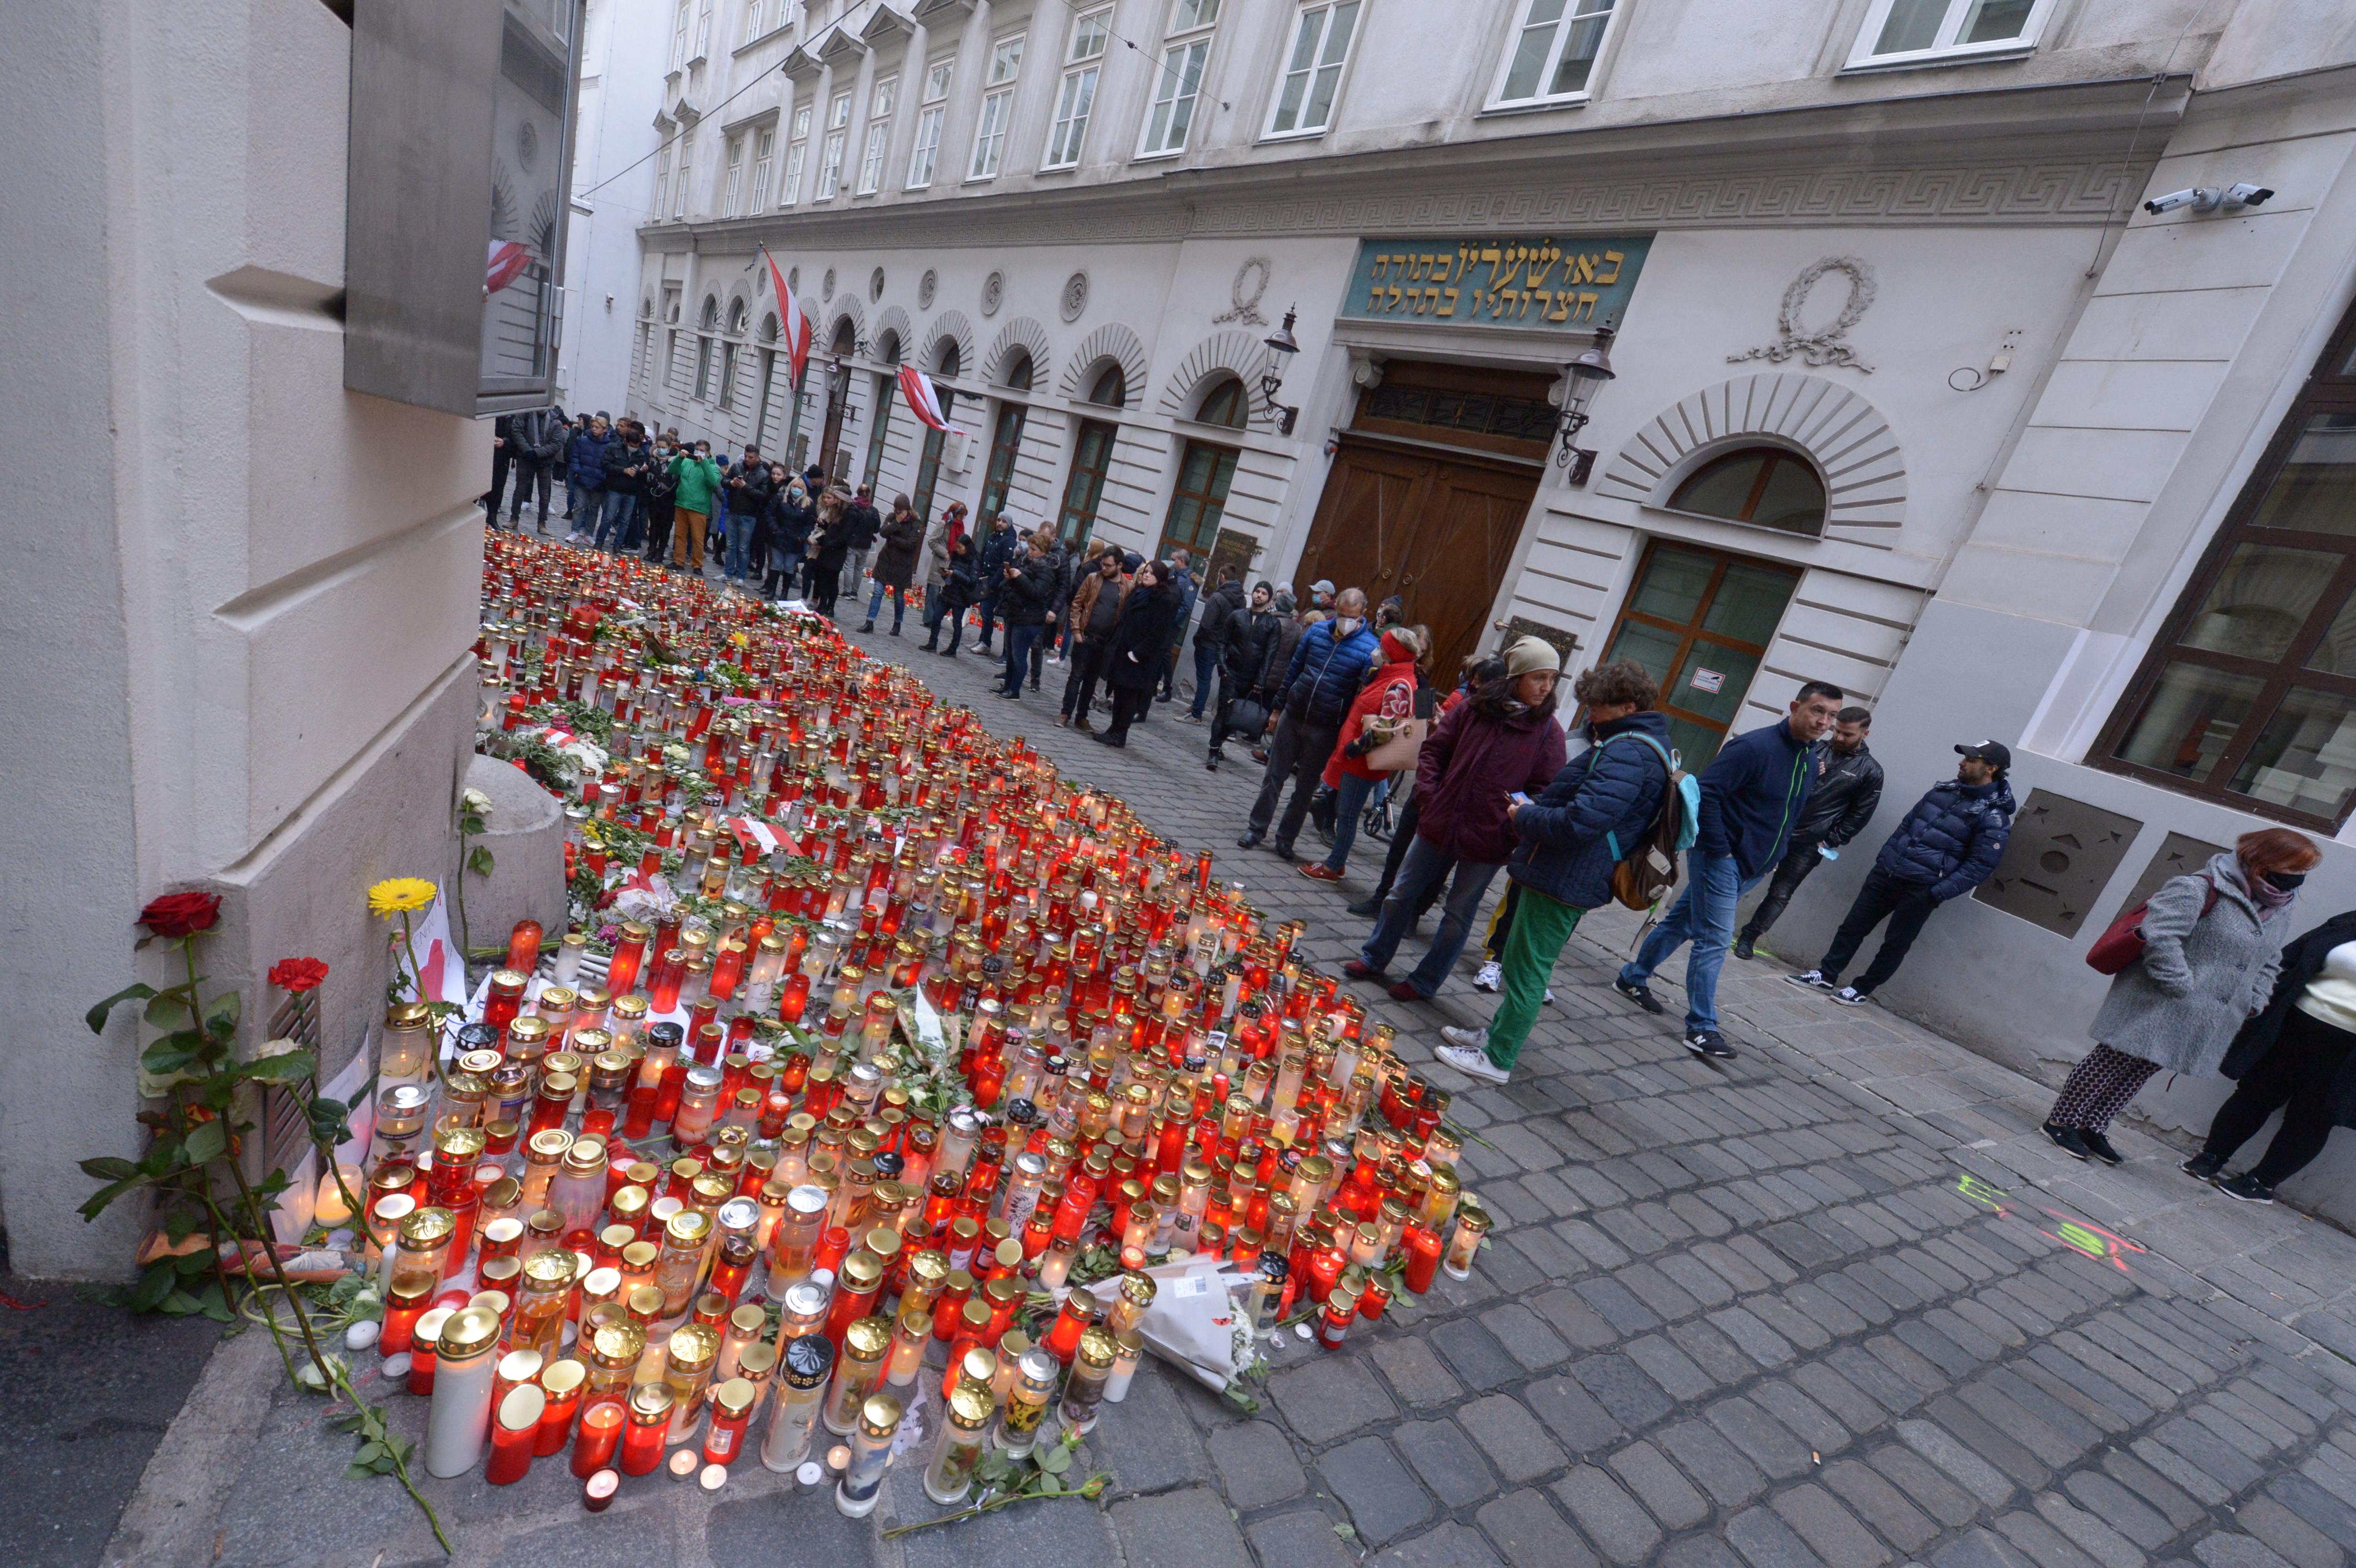 Megduplázódott egy év alatt az antiszemita esetek száma Ausztriában